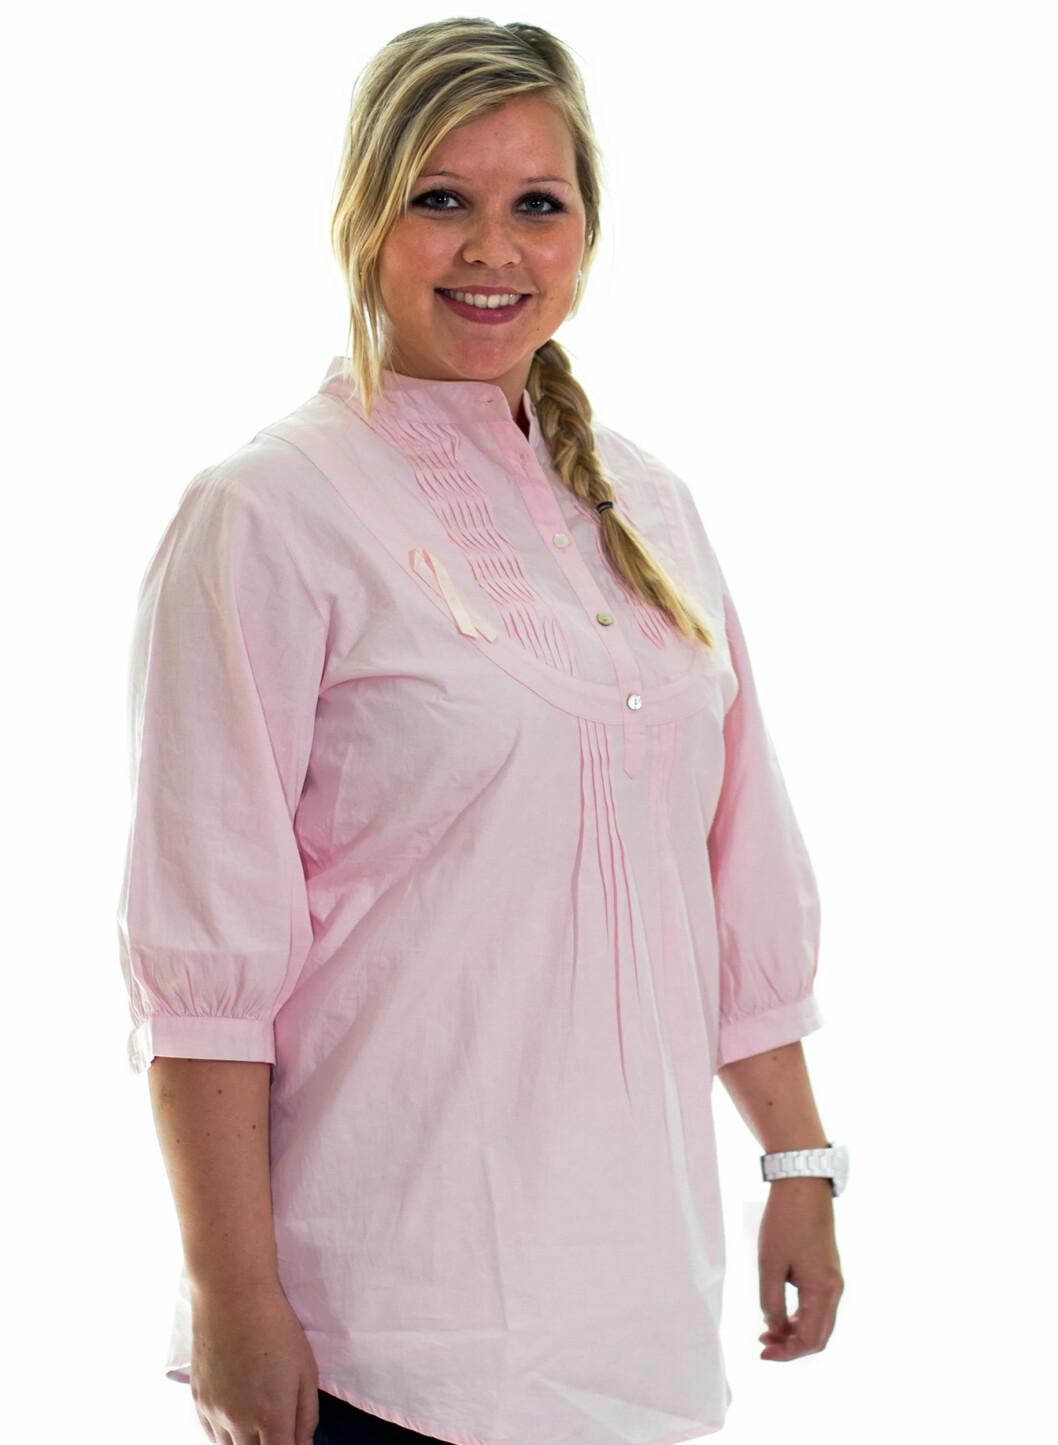 En vid bluse/skjorte, designet av Nora Farah for Rosa sløyfe-aksjonen. Blusen har knapper i halsen og fine detaljer, kr 499. Foto: Tobias Barvik / Kreftforeningen